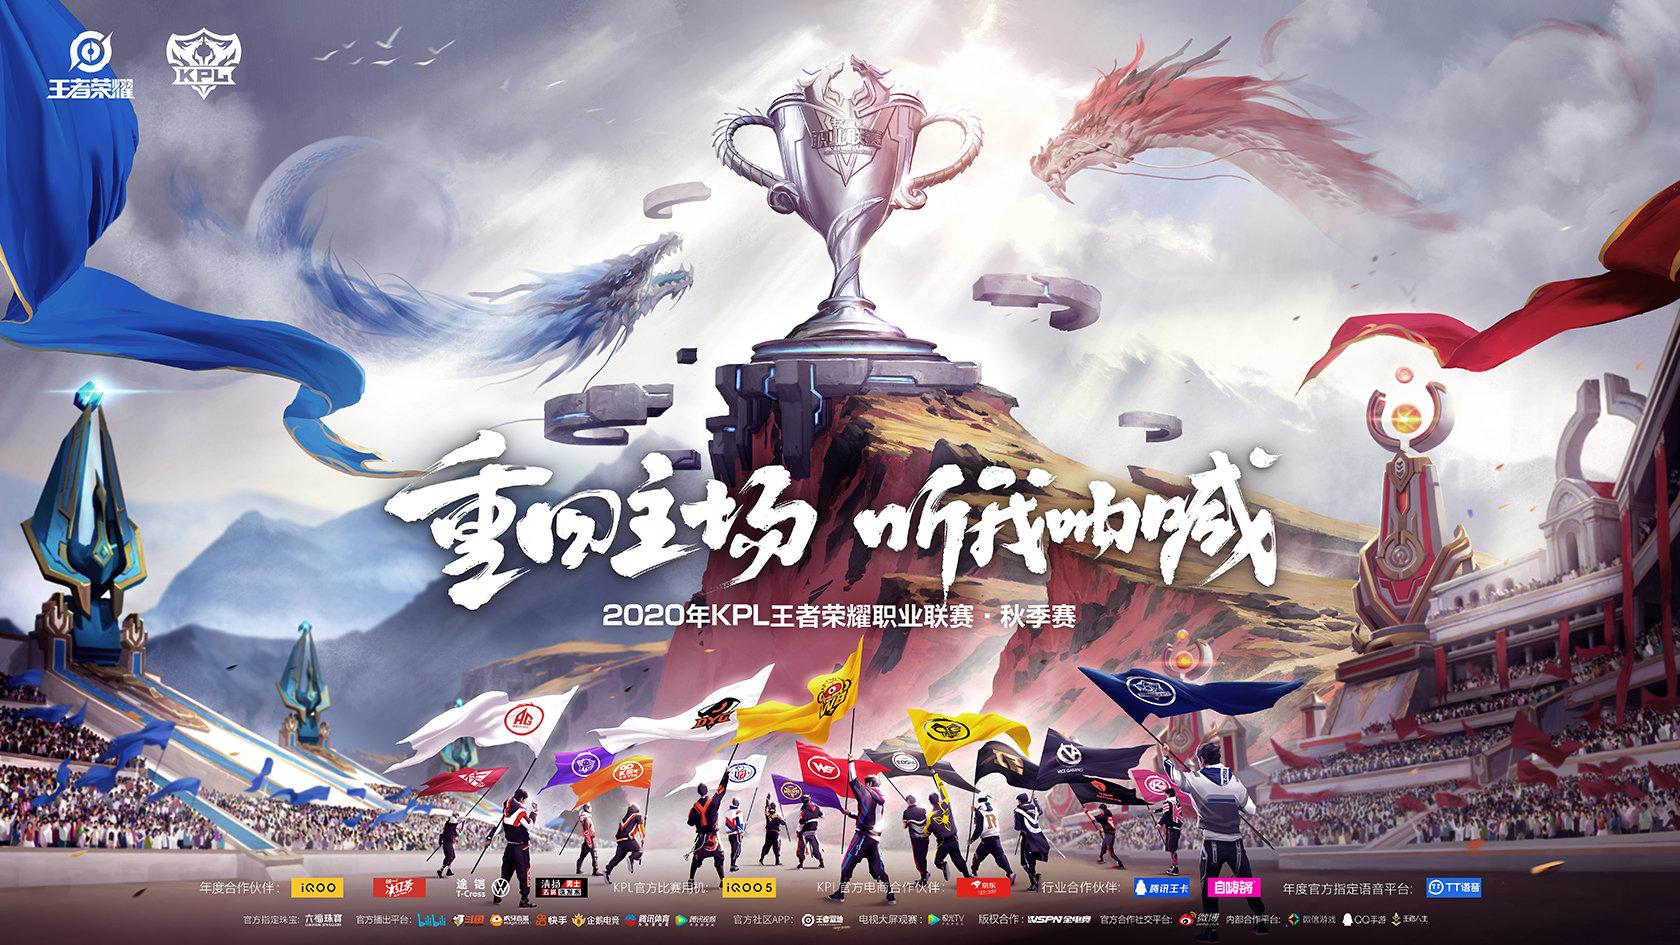 2020kpl秋季赛常规赛9月17日LGD大鹅vsDYG第一场比赛视频回放